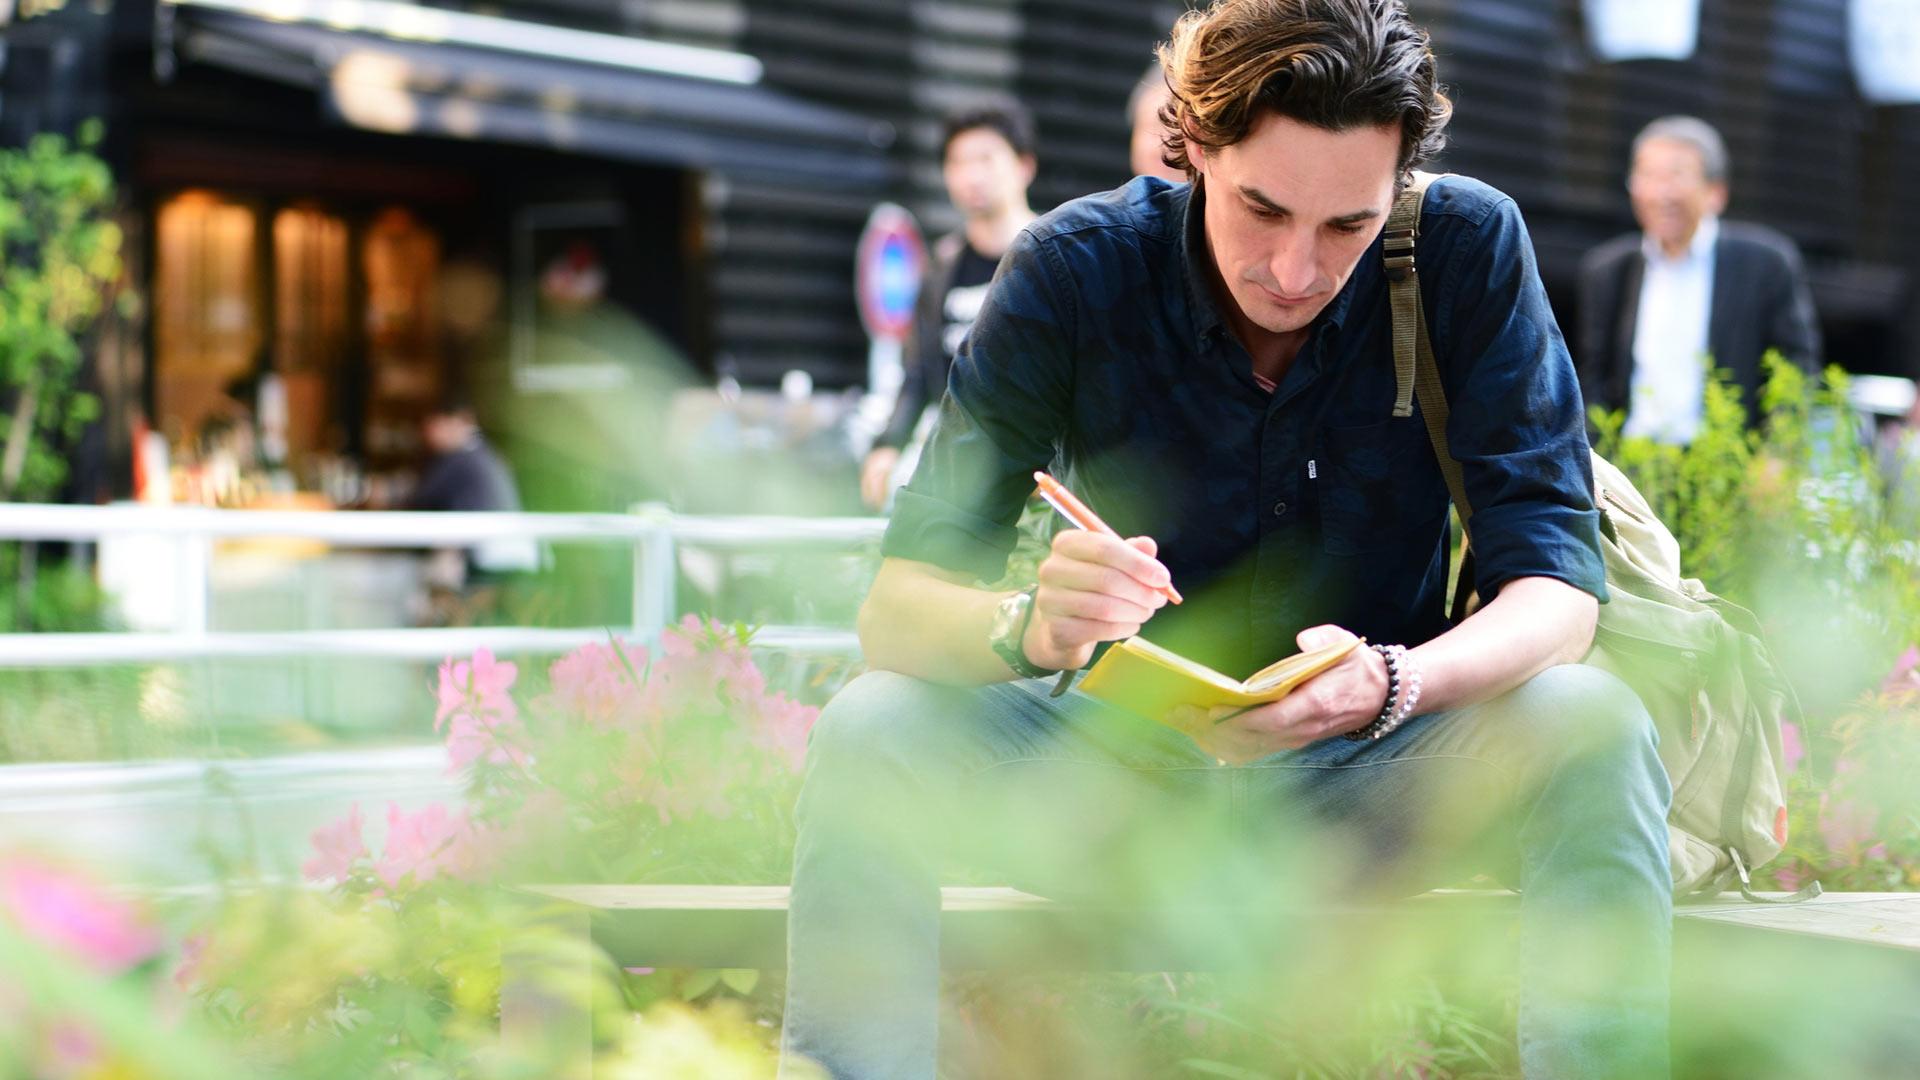 Moni kokee päiväkirjan kirjoittamisesta olevan hyötyä erityisesti elämän kriisitilanteissa. Päiväkirjalle voi purkaa huolia.